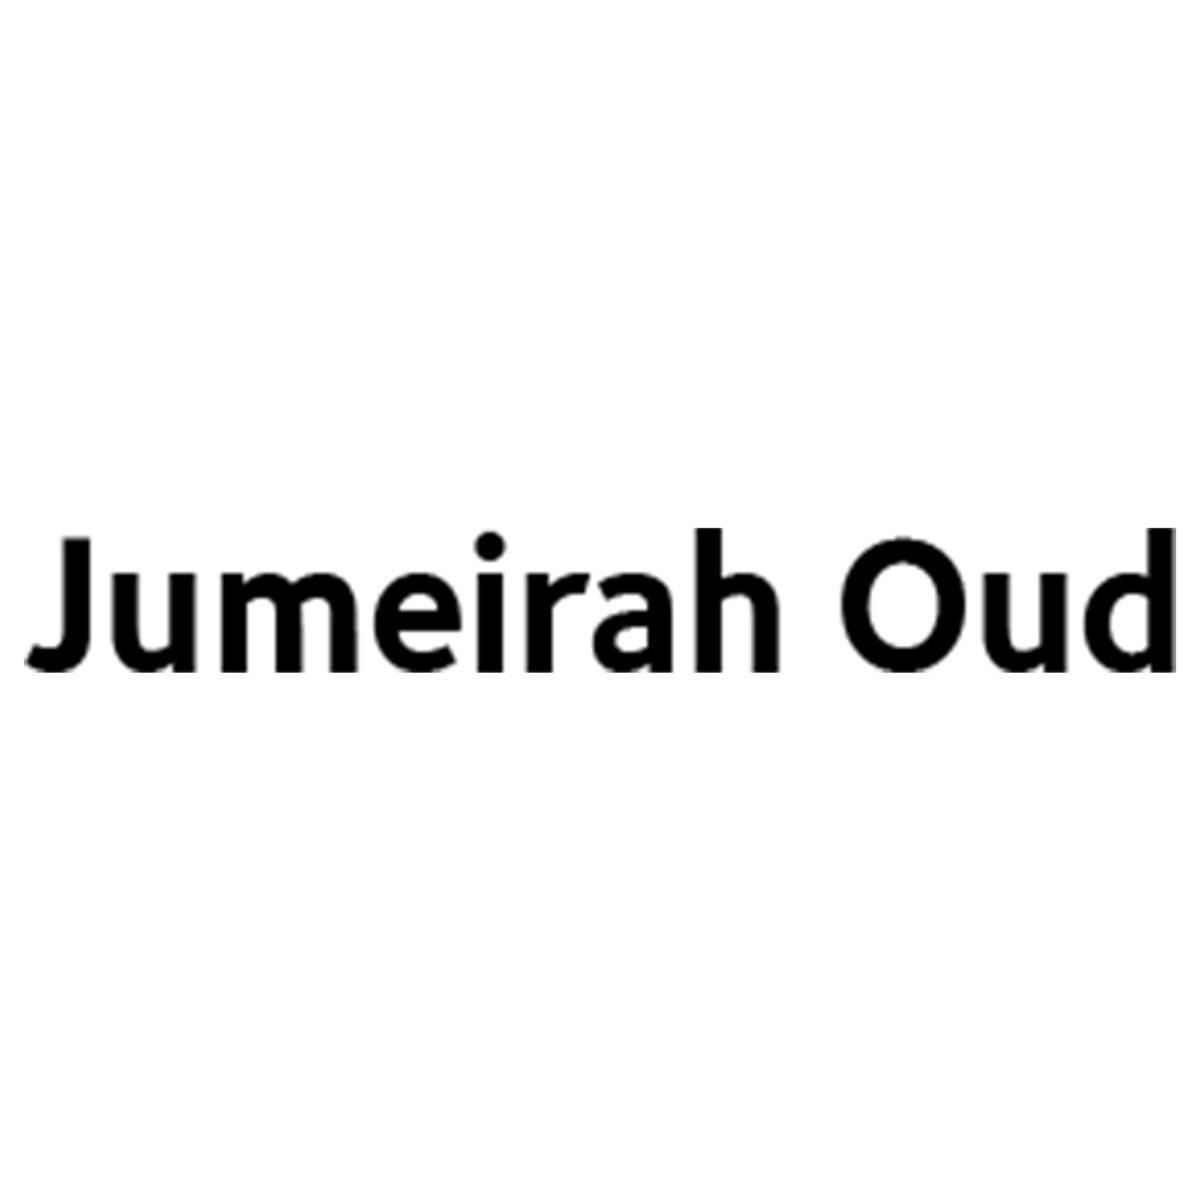 Jumeirah Oud